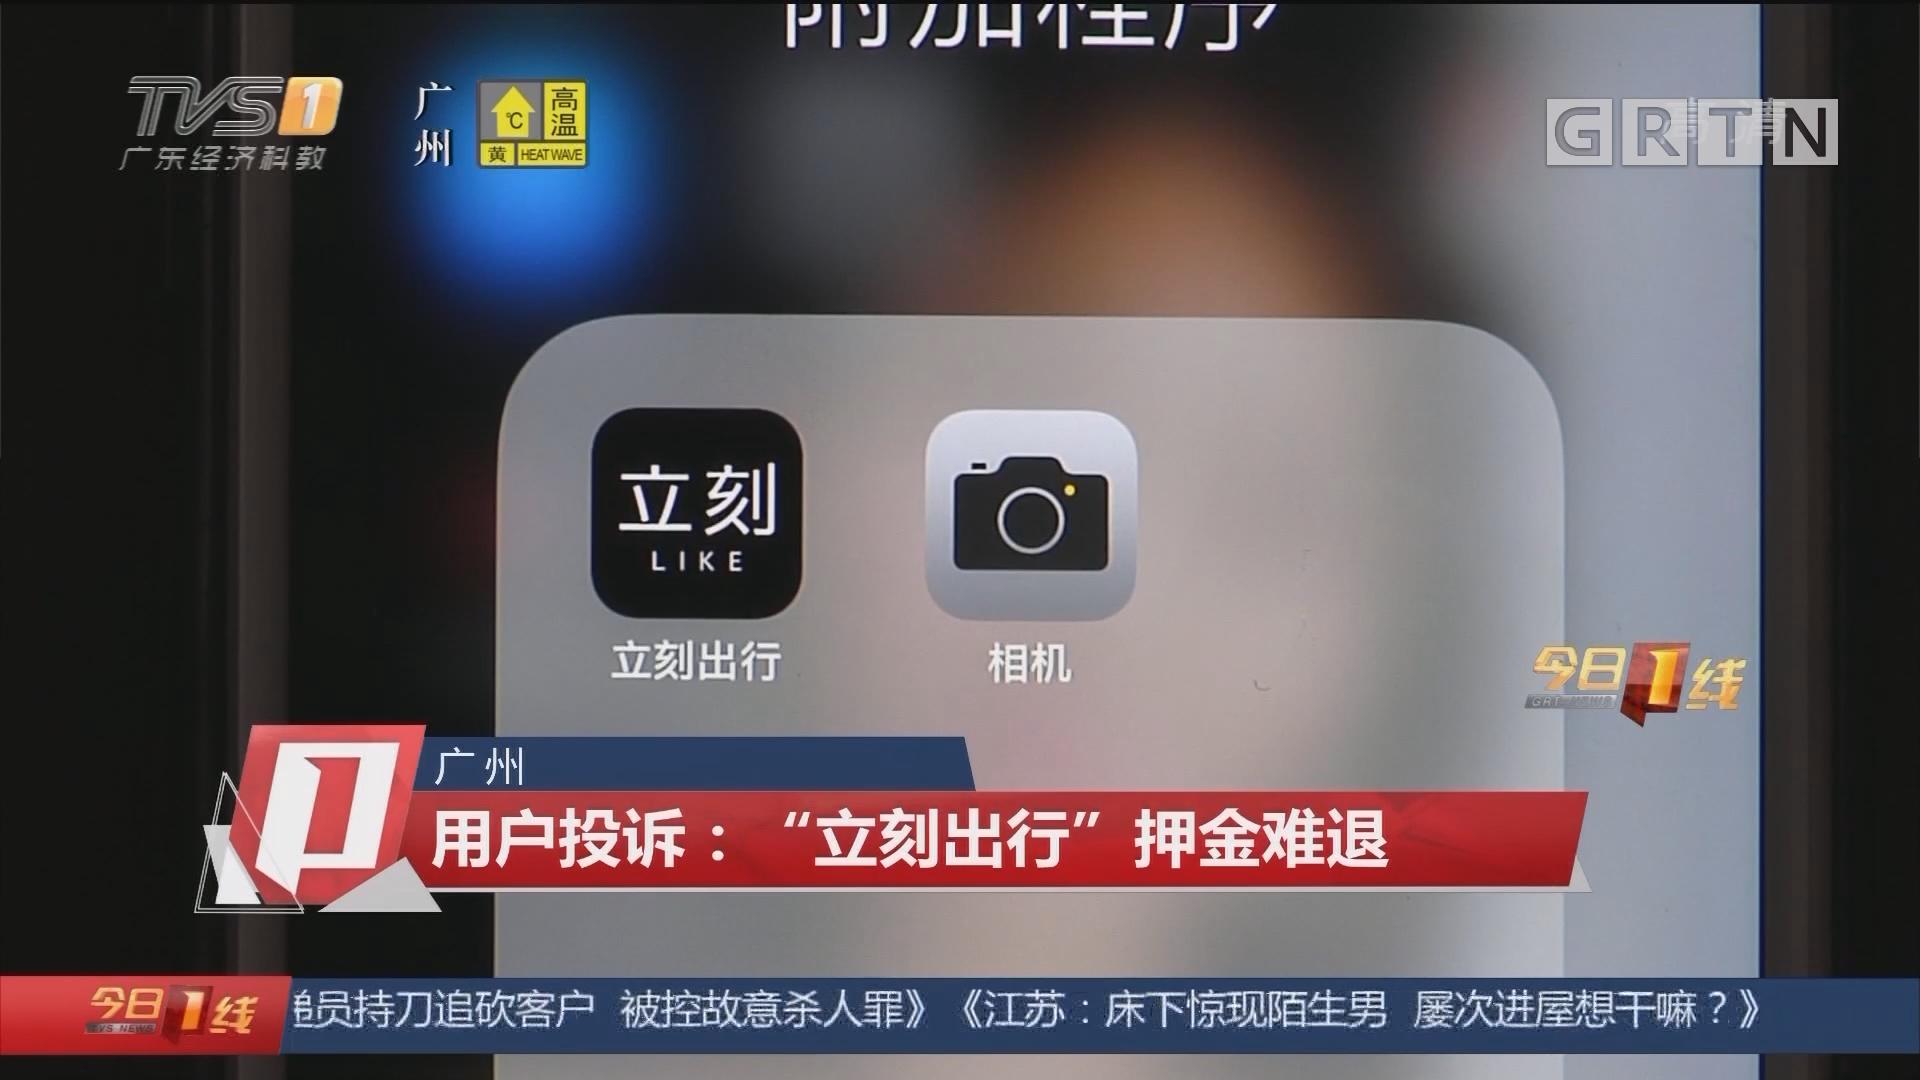 """广州 用户投诉:""""立刻出行""""押金难退"""